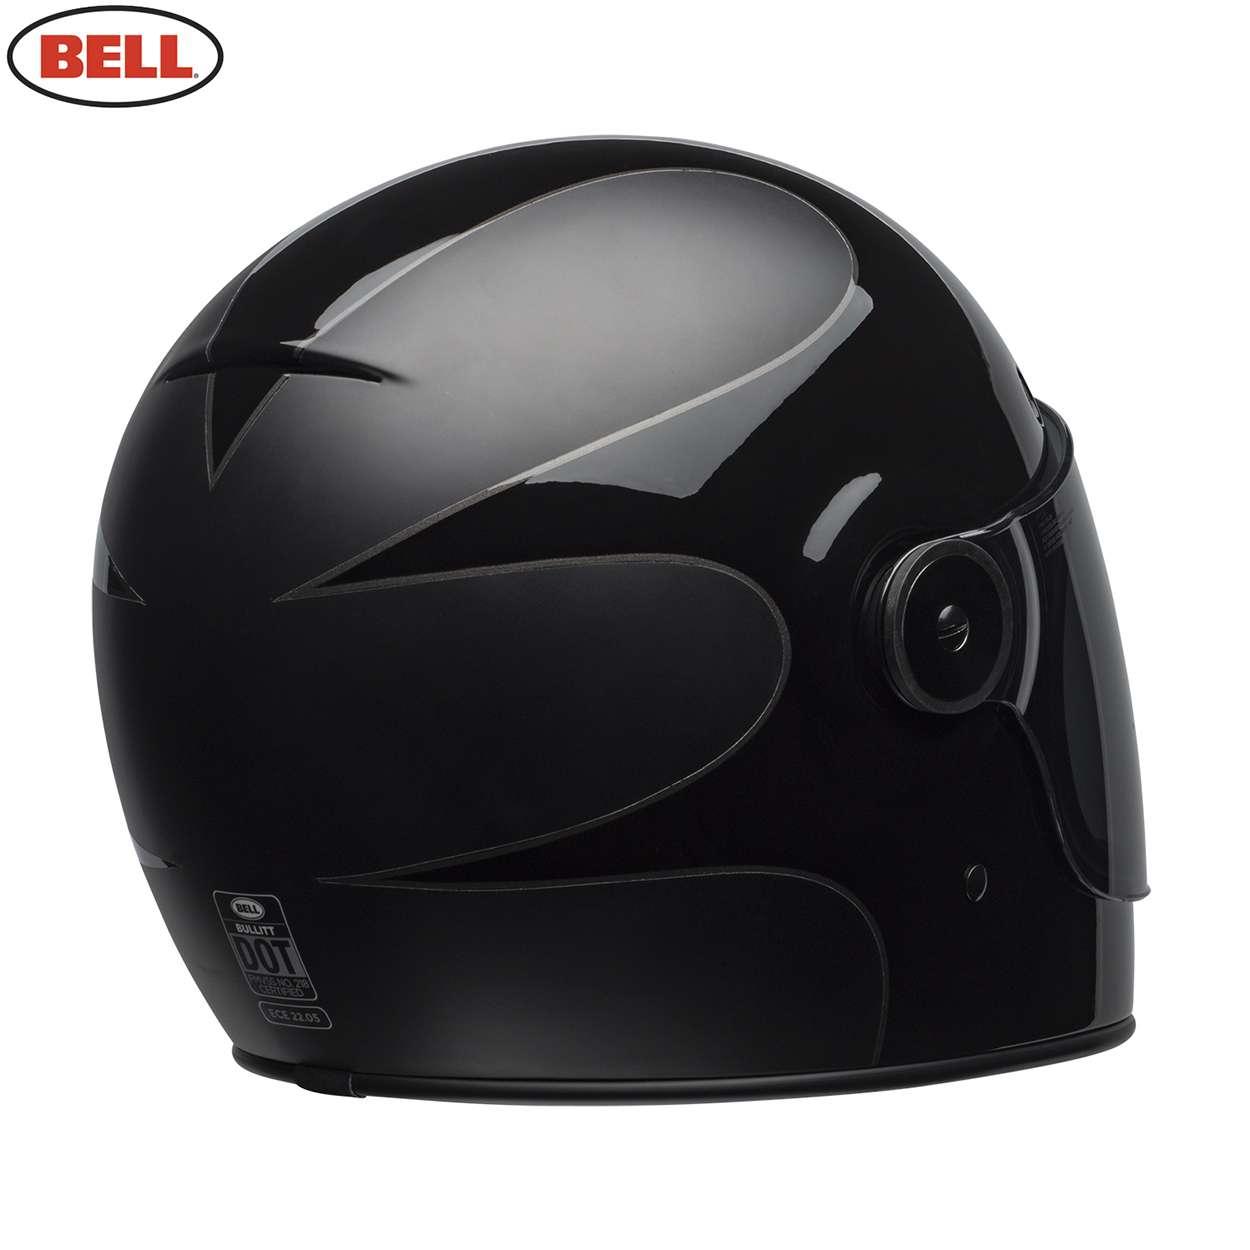 631e6d4550977 Details about Bell Cruiser 2018.2 Bullitt Adult Motorcycle Helmet - Boost  Matte Gloss Black